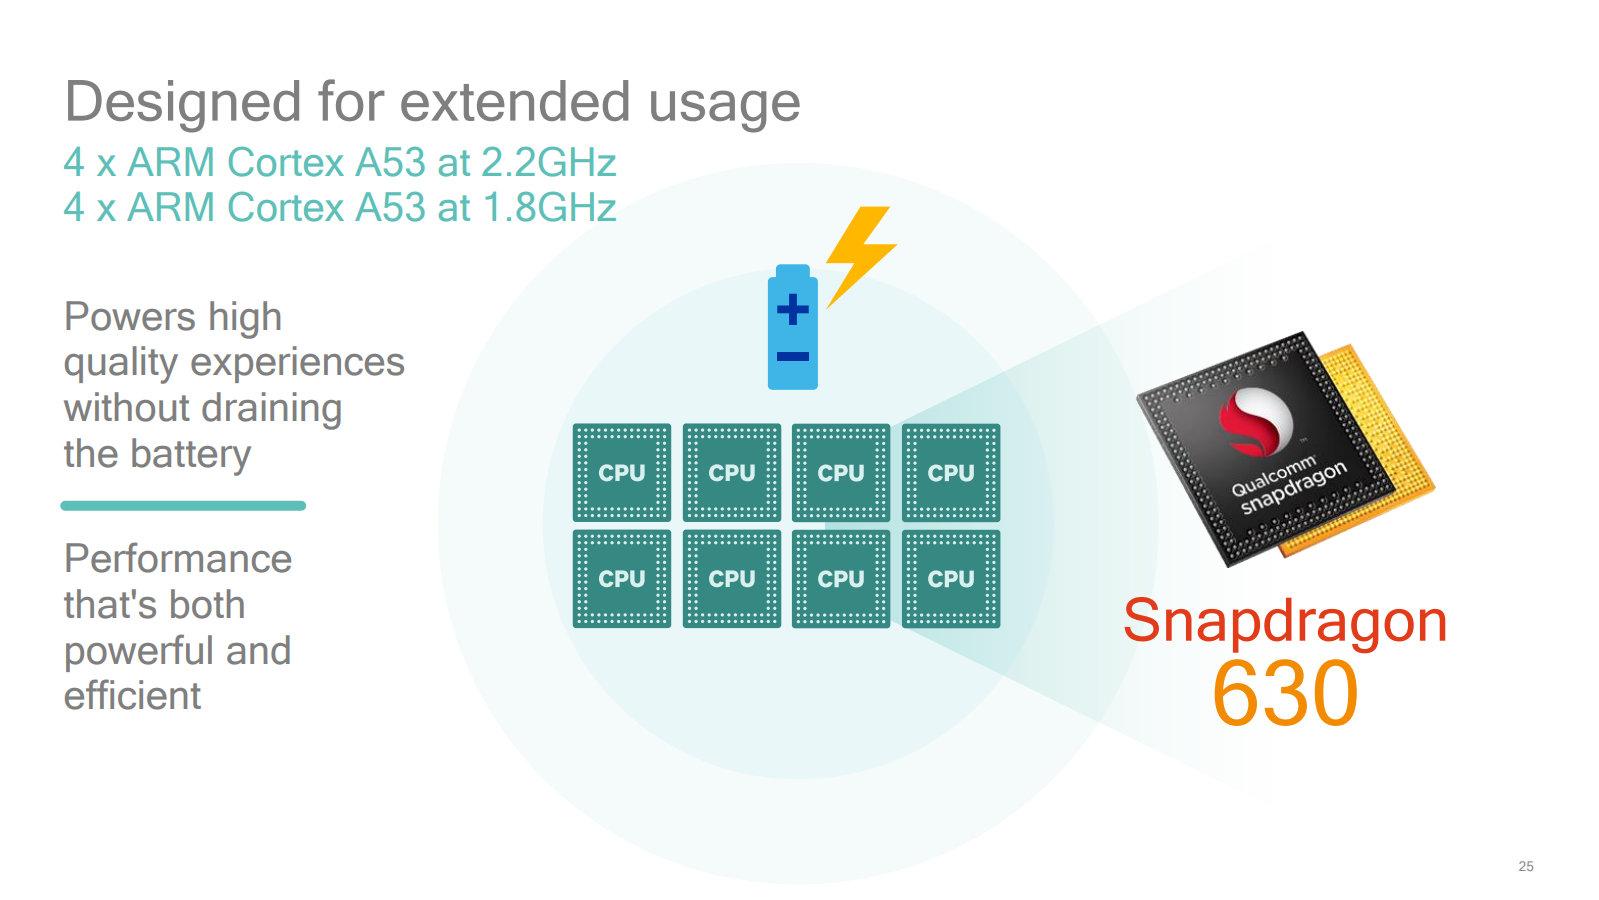 Qualcomm nutzt weiterhin acht ARM Cortex-A53